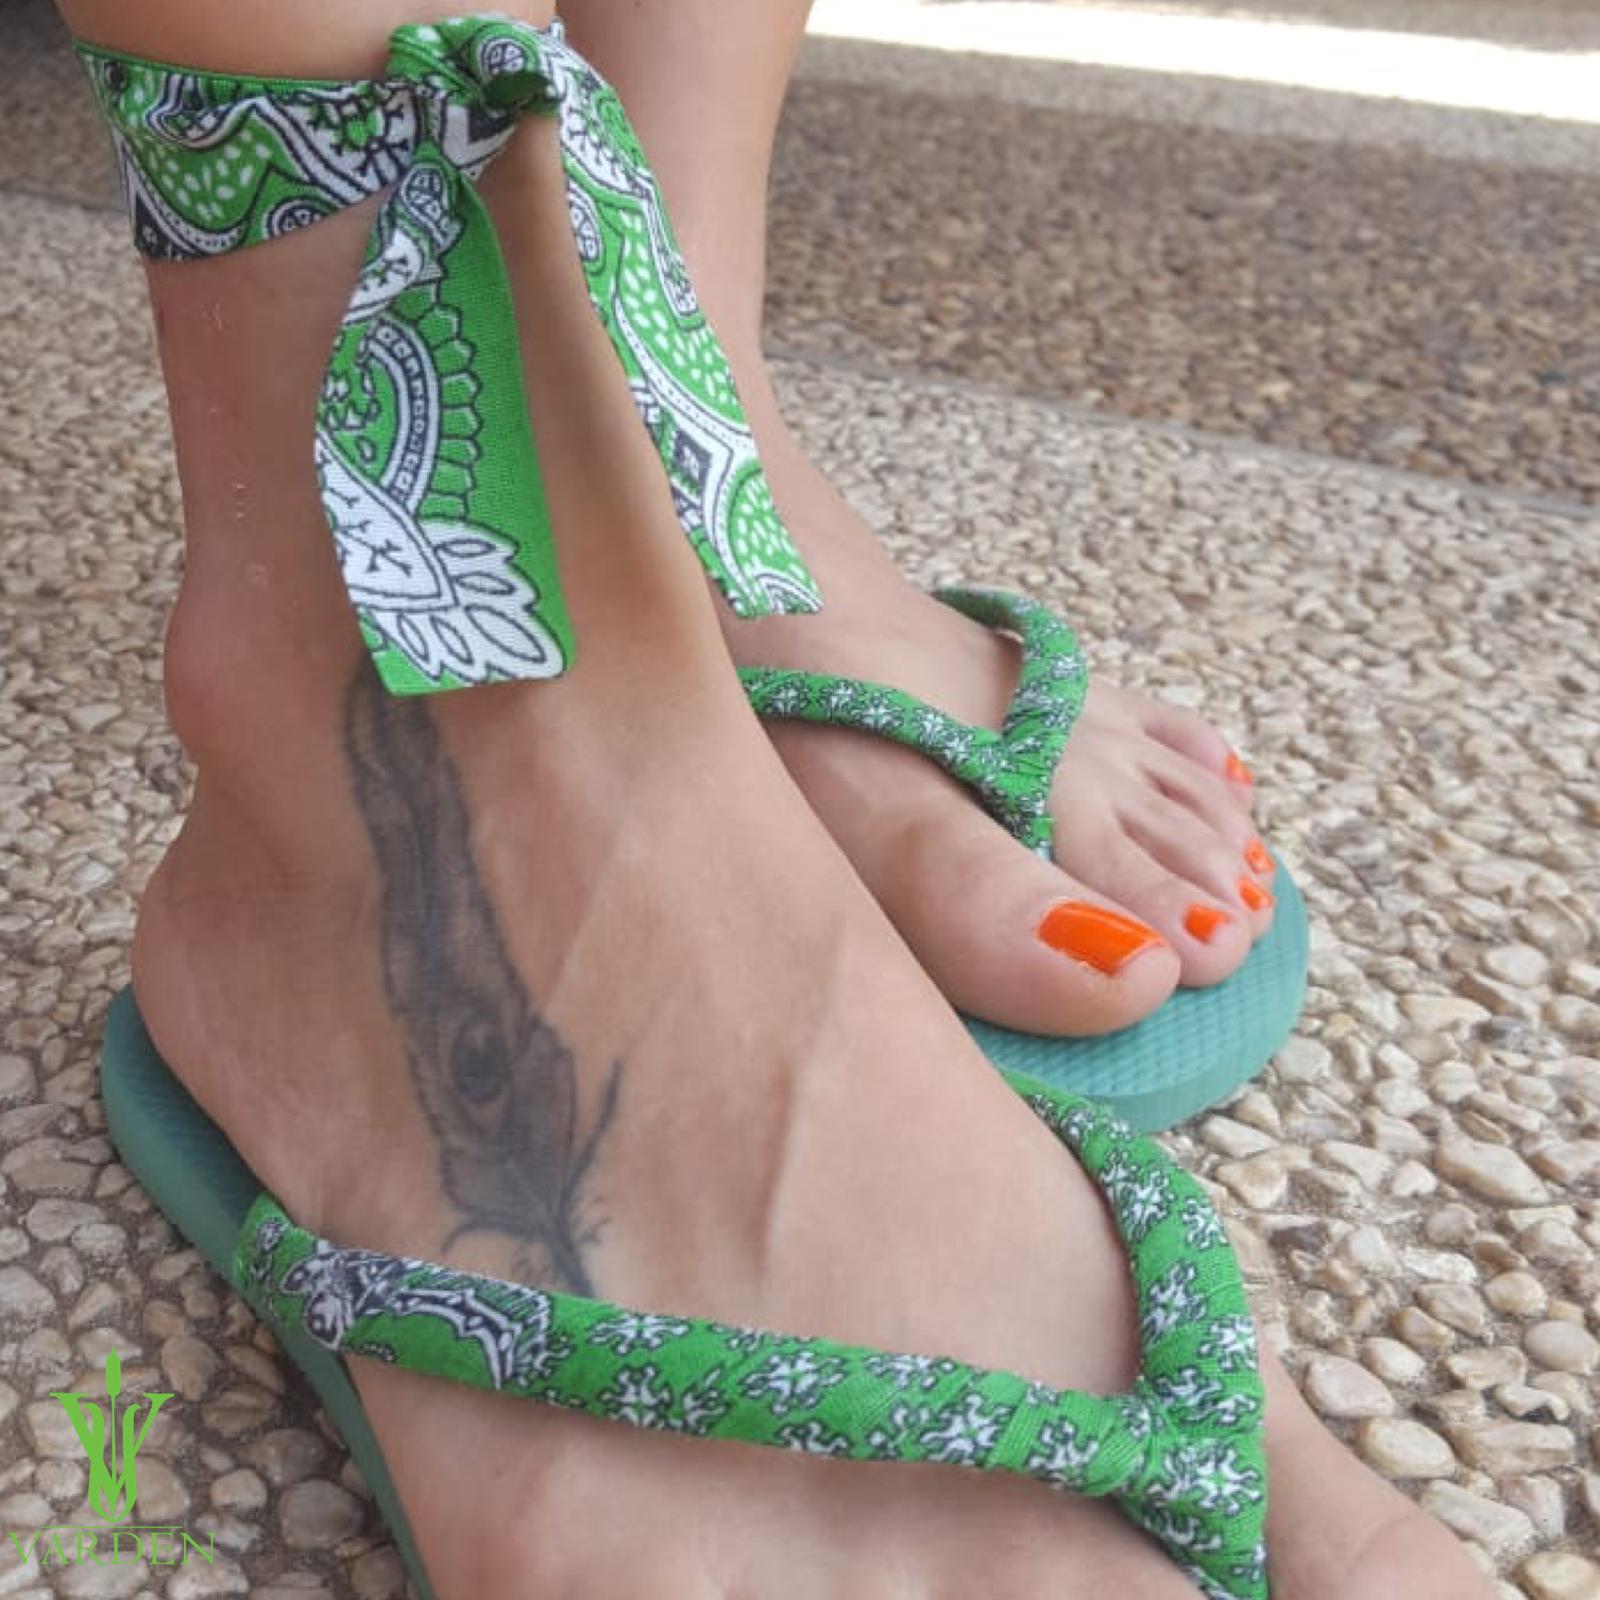 בנדנה ירוקה על כפכף ירוק